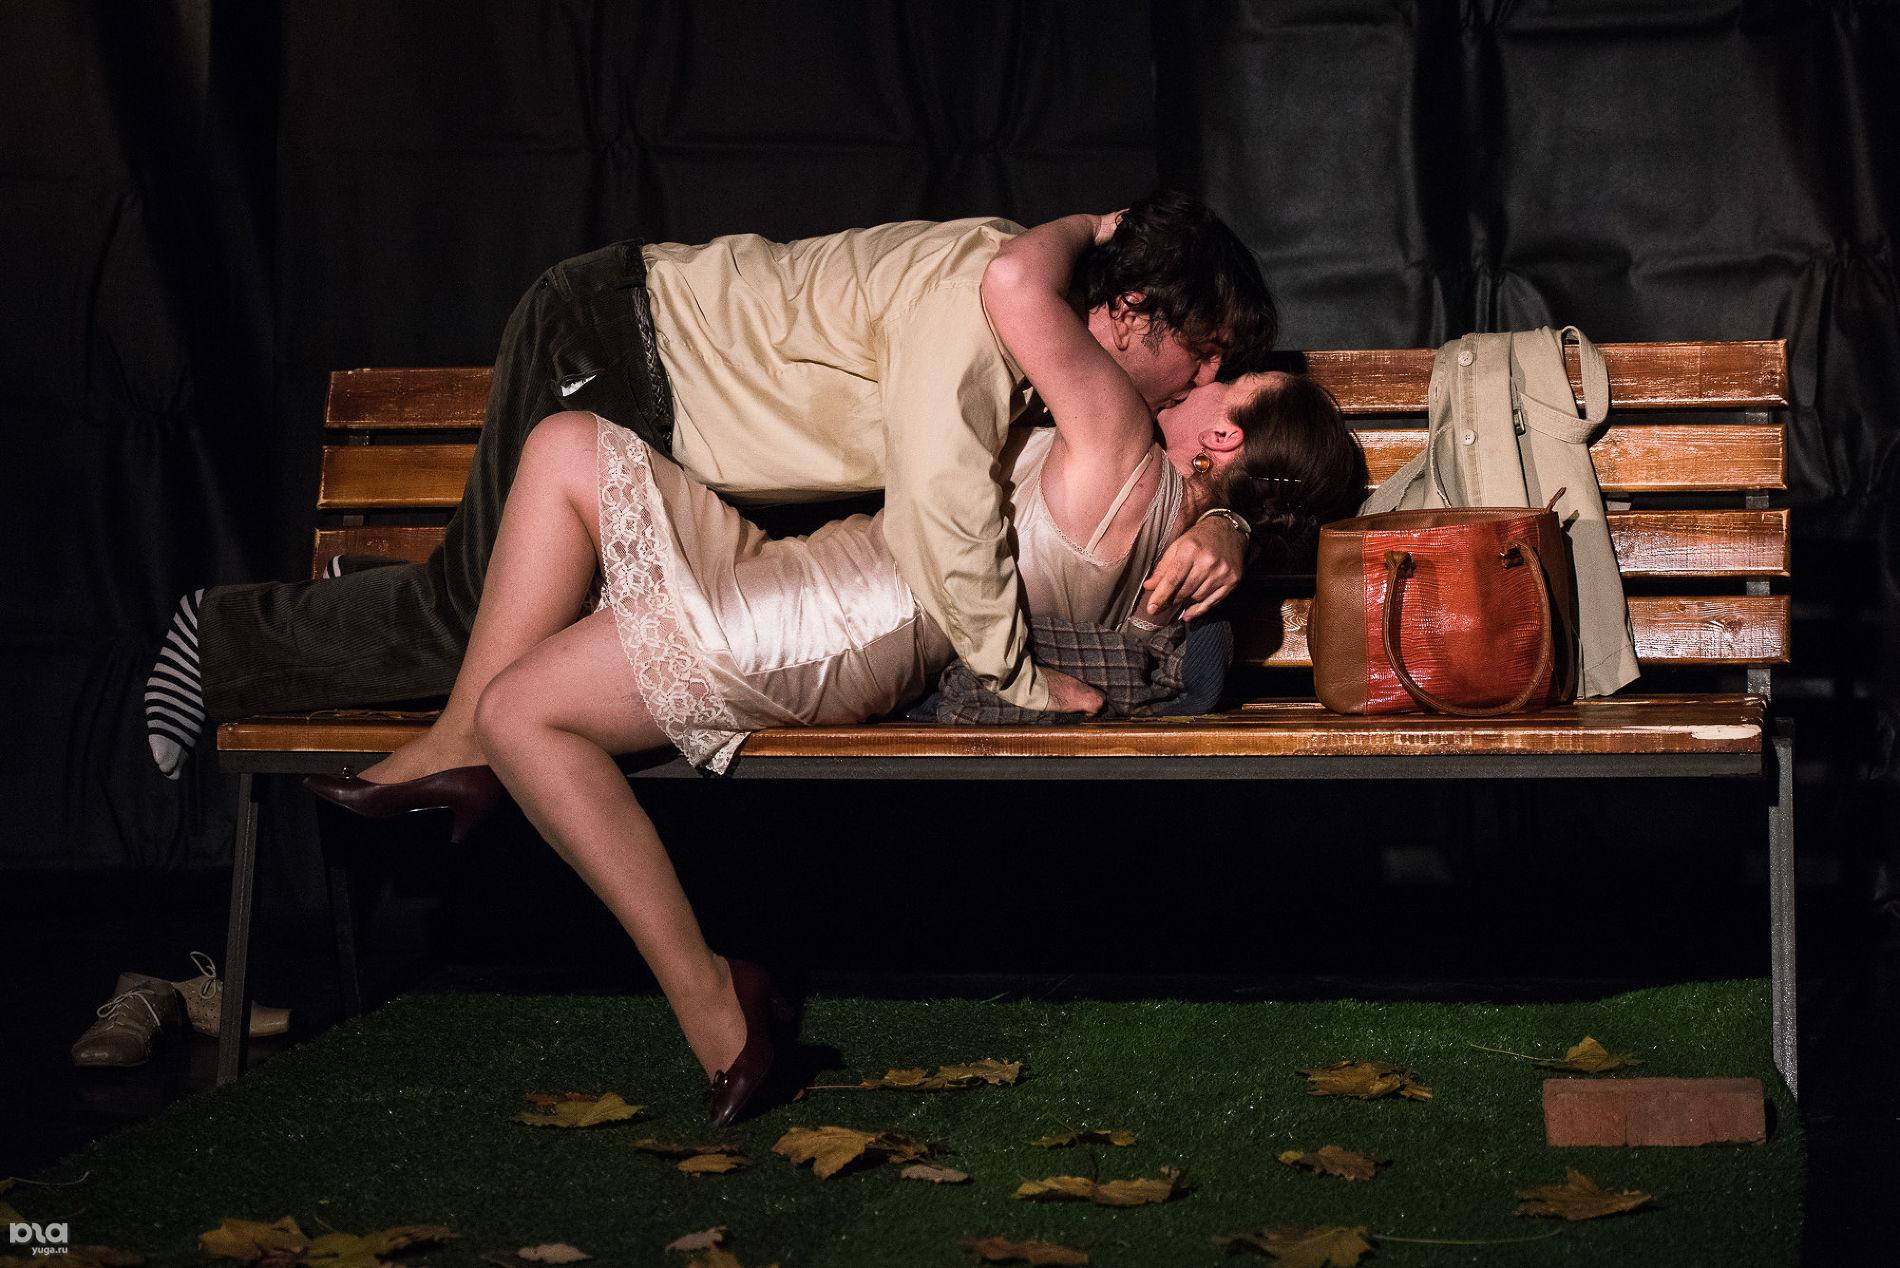 Прогон спектакля «Скамейка» в «Одном театре» ©Фото Елены Синеок, Юга.ру